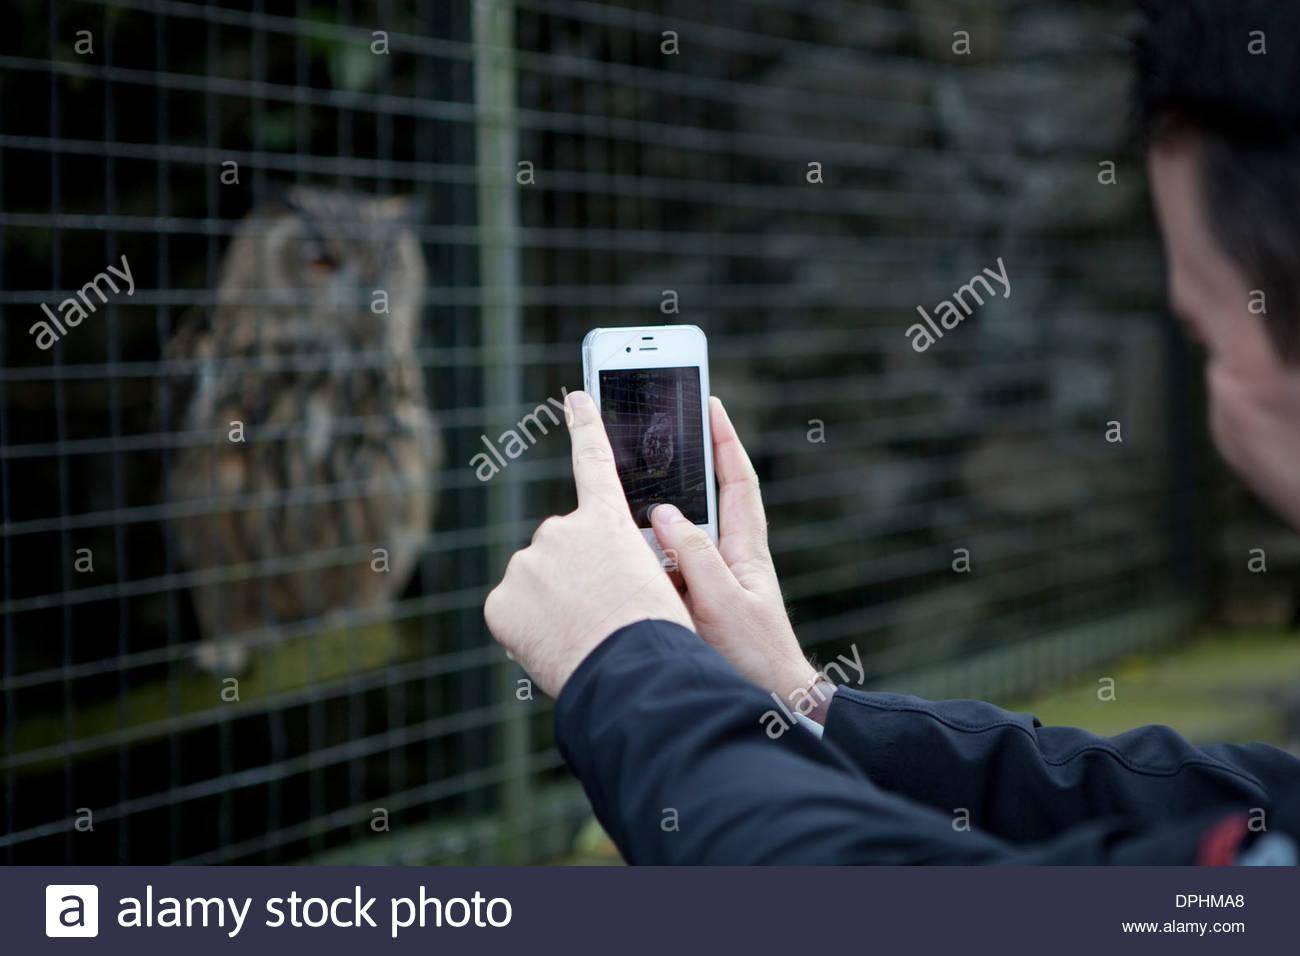 Besucher eine Falknerei-Zentrum mit einer Smartphone-Kamera zum Erfassen eines Abbilds von einer Eule in Gefangenschaft. Stockbild